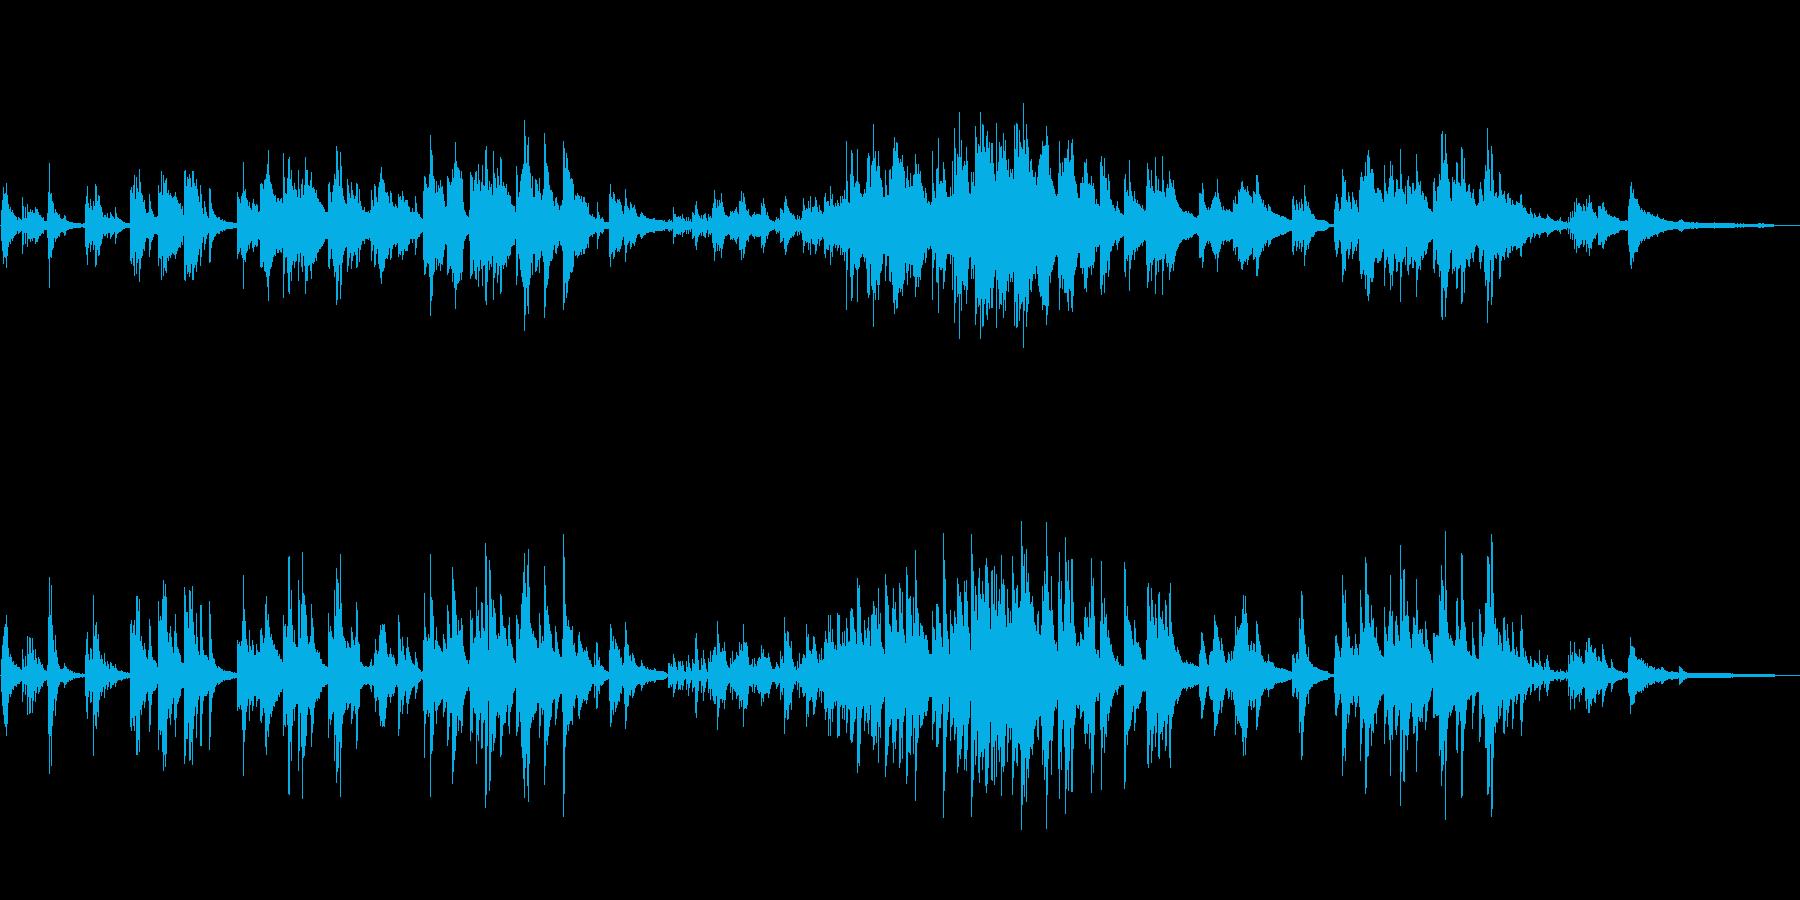 ピアノソロ爽やか幸せ癒し系の曲の再生済みの波形